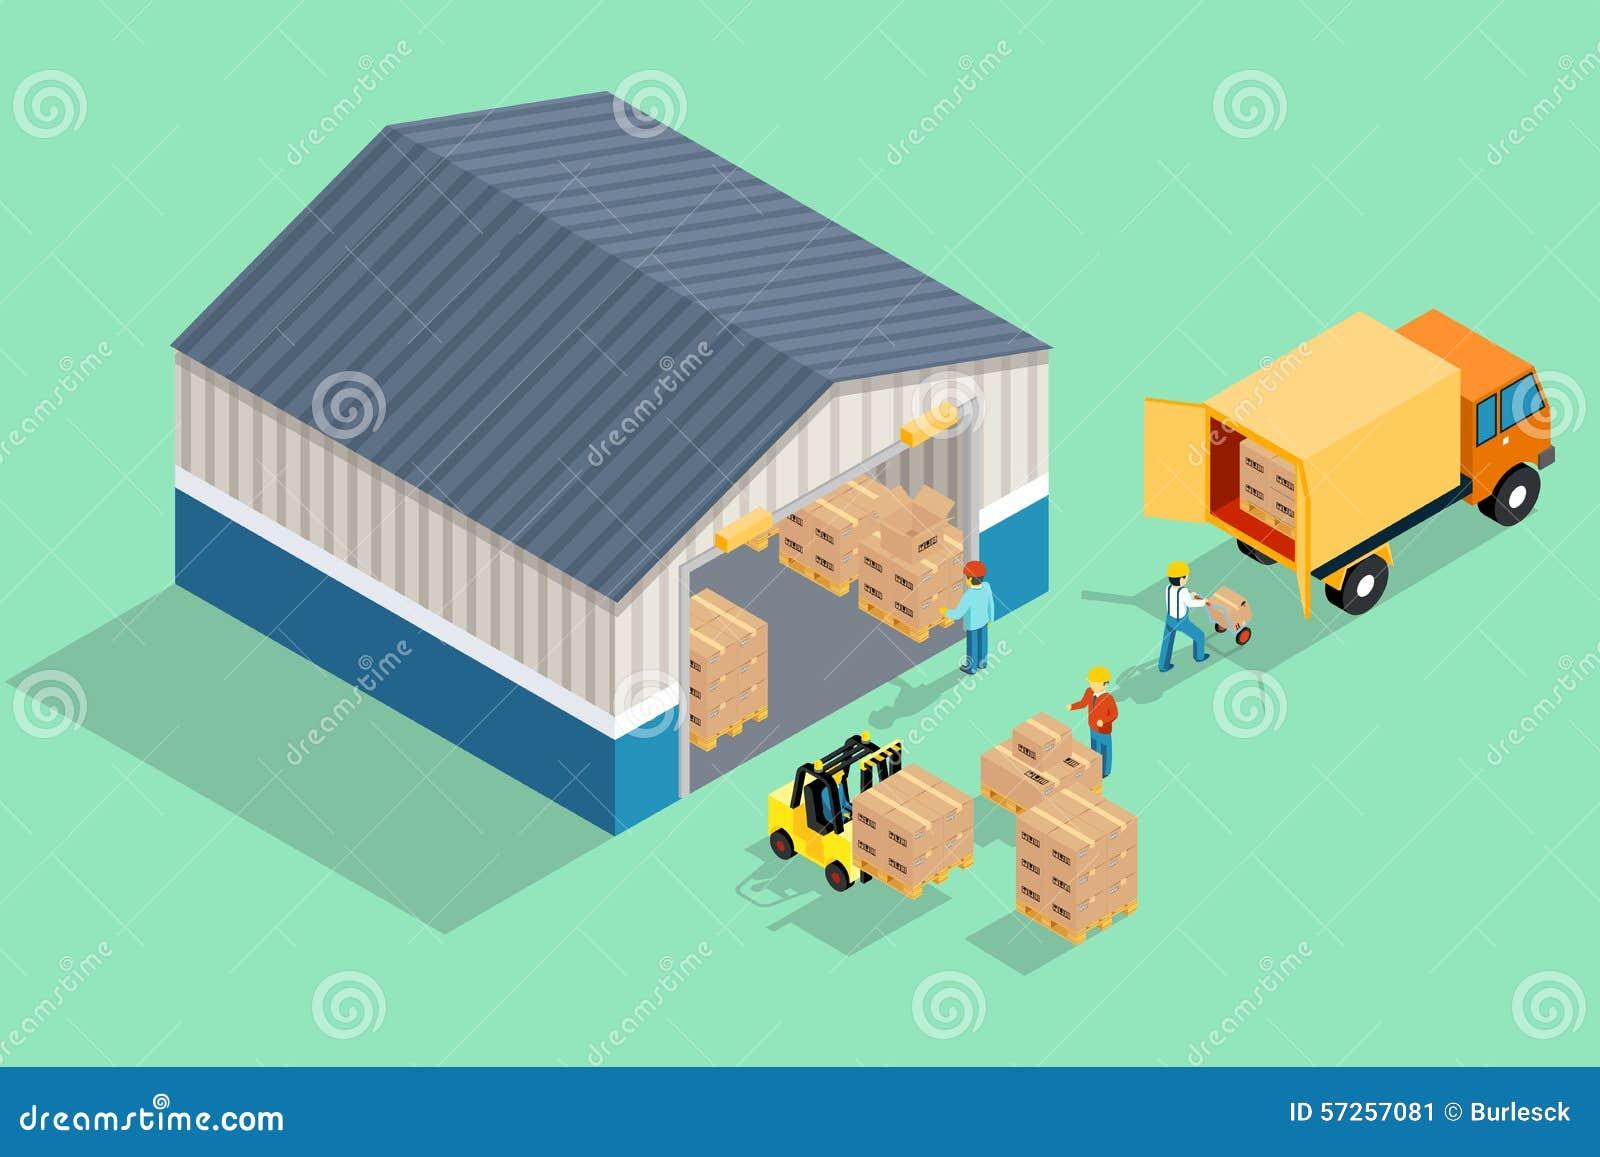 Truck transport business plan